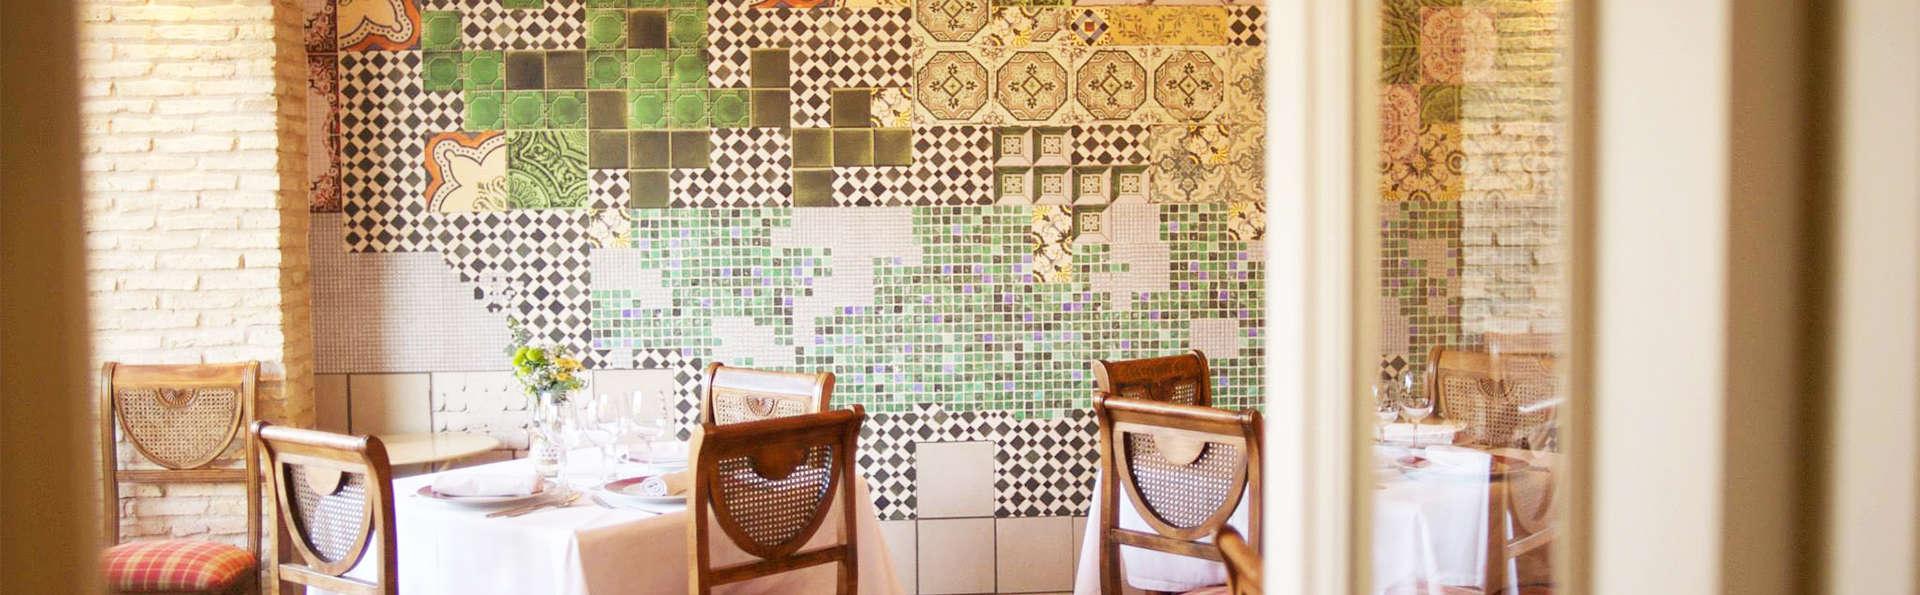 Hotel Restaurante La Villoría - EDIT_rest1.jpg